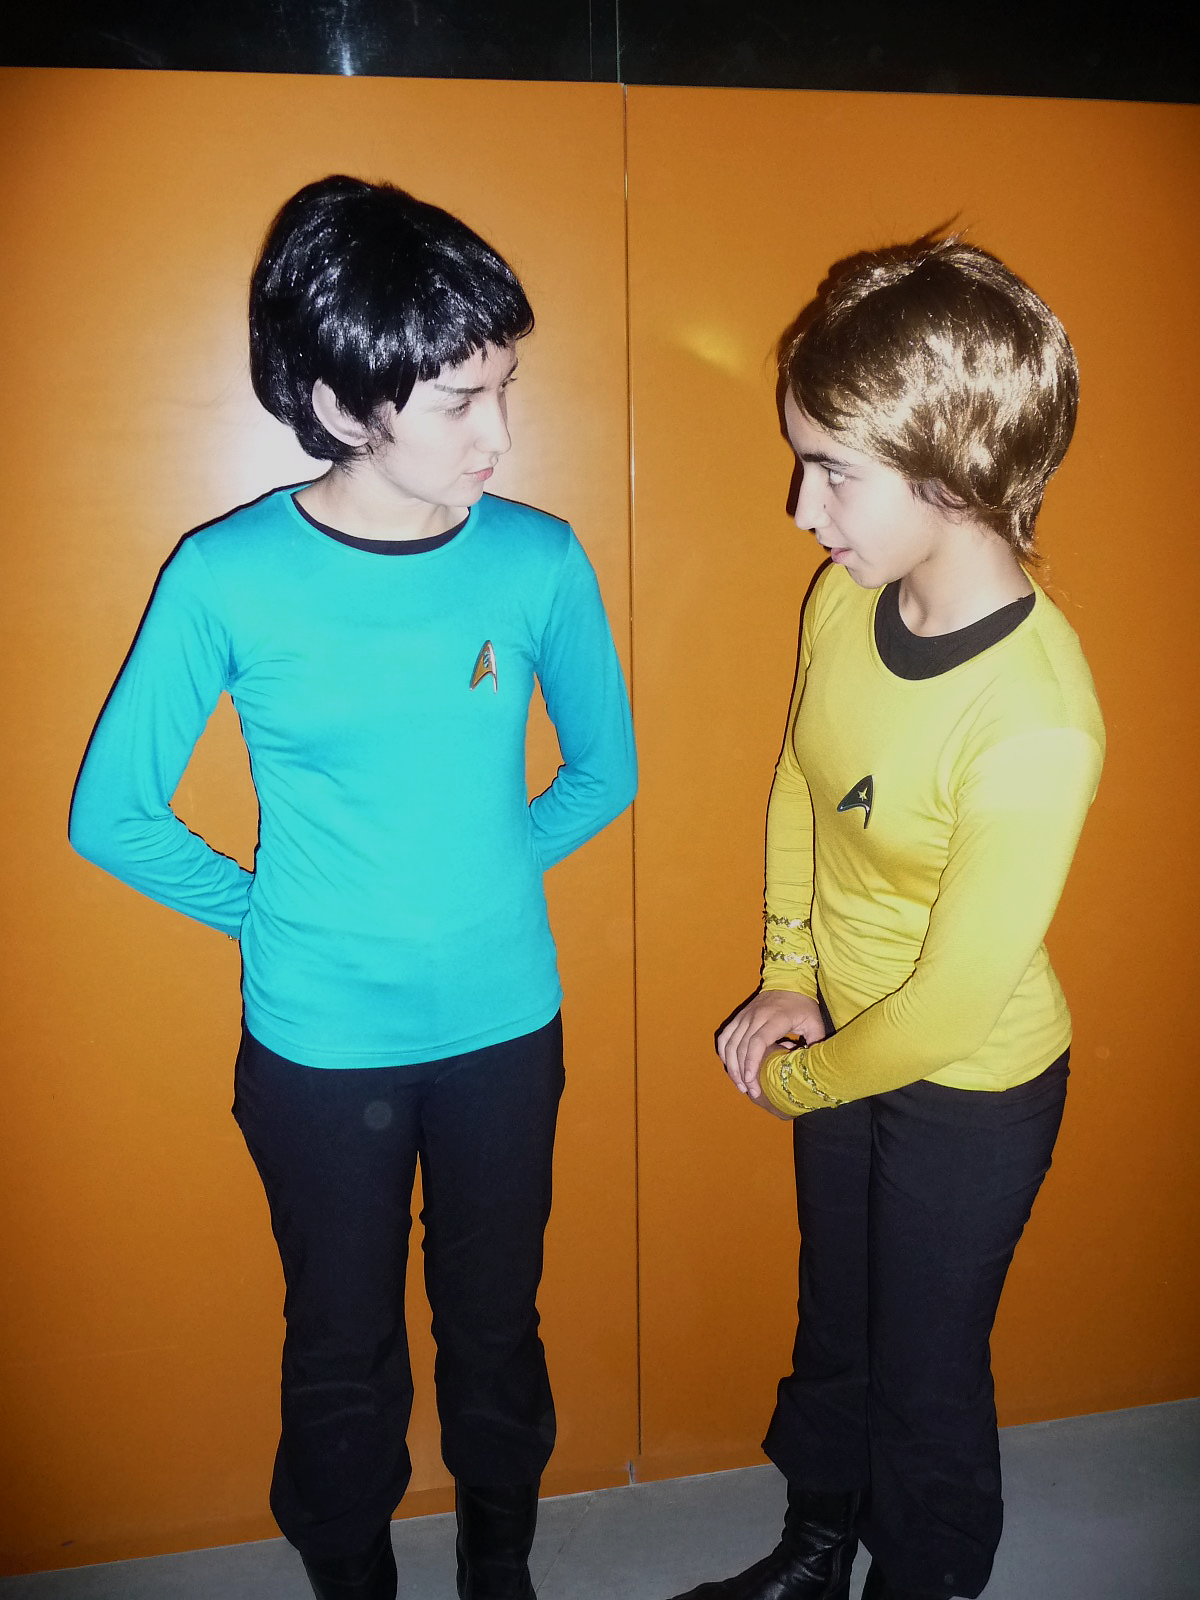 Isn't that logical, Mr Spock? by killhawkeye